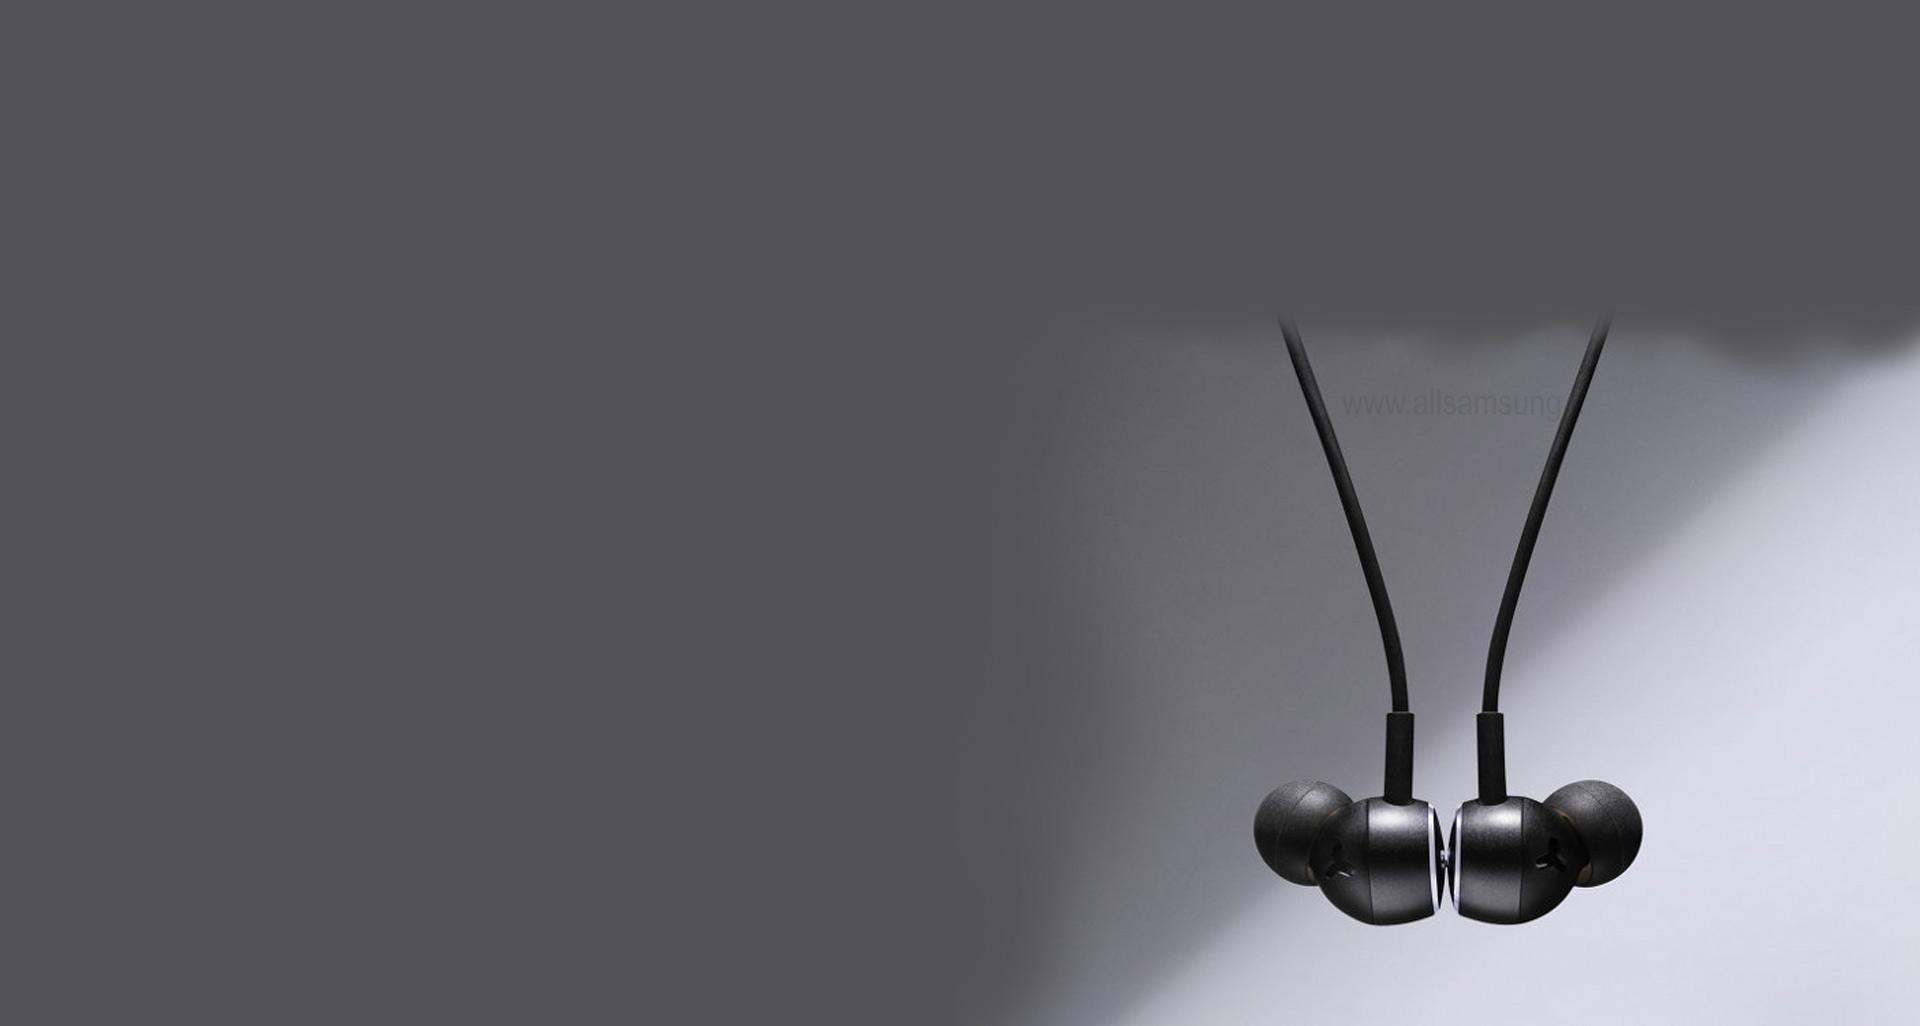 کنترل صدای محیط با ایرفون Y100